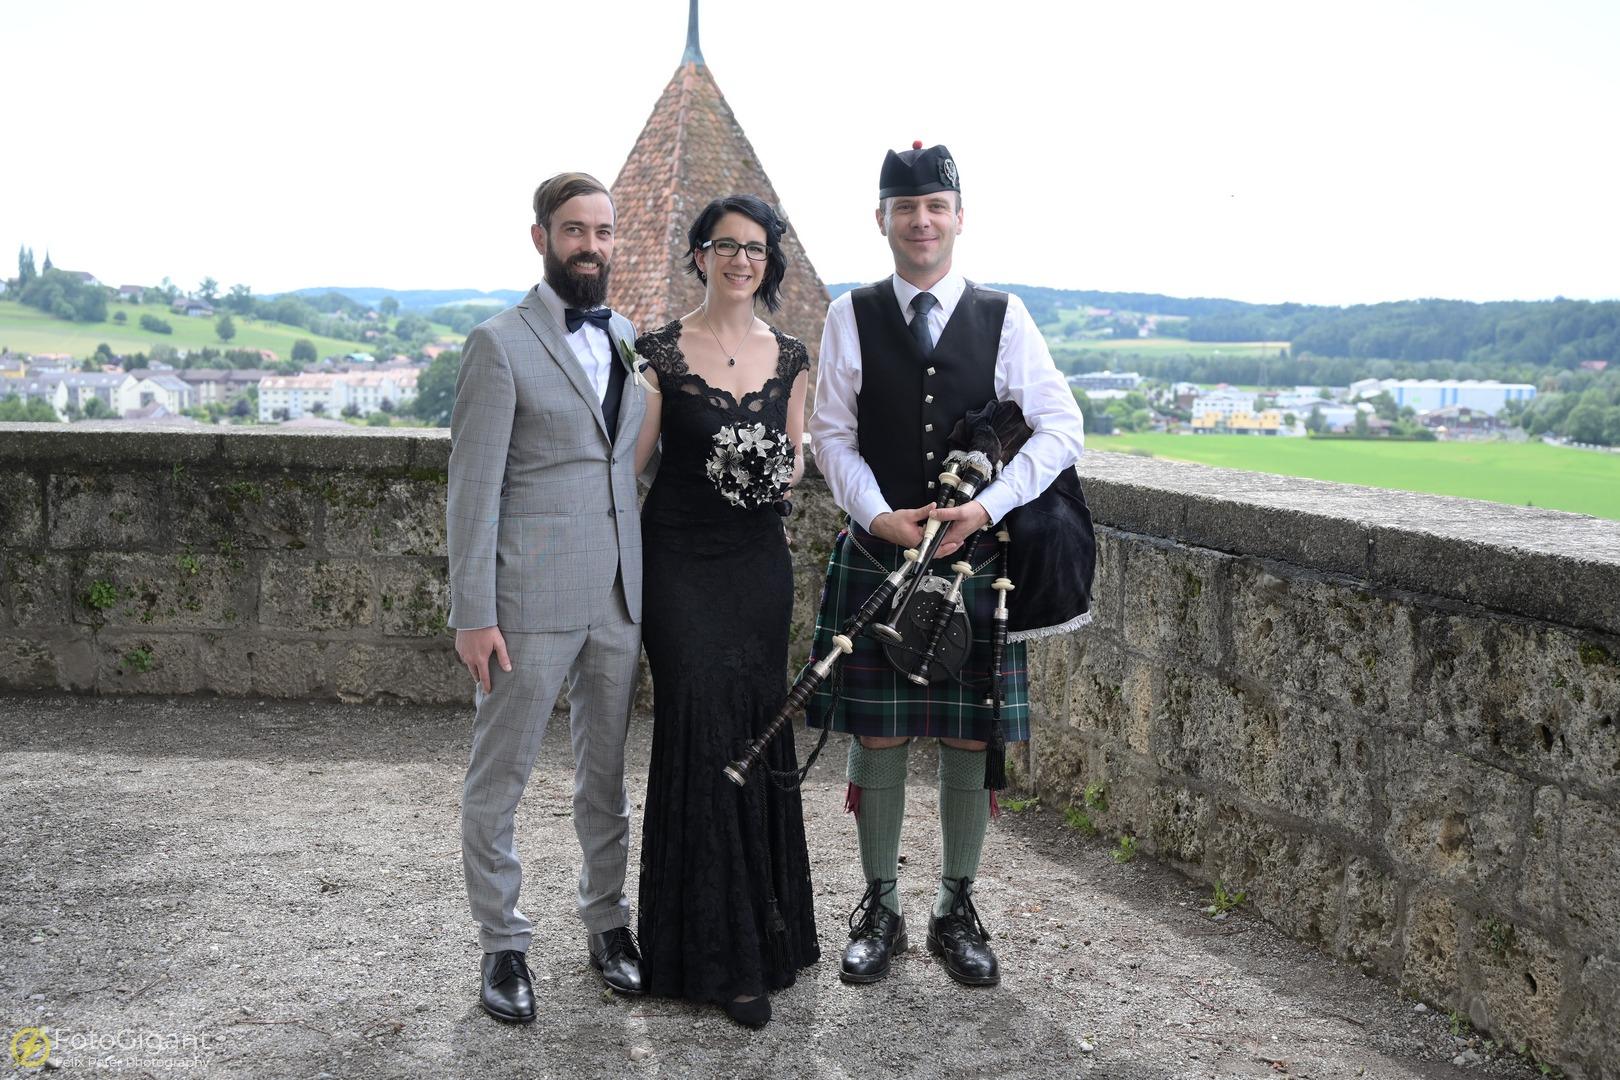 Hochzeitsfotografie_Schloss-Laupen_21.jpg